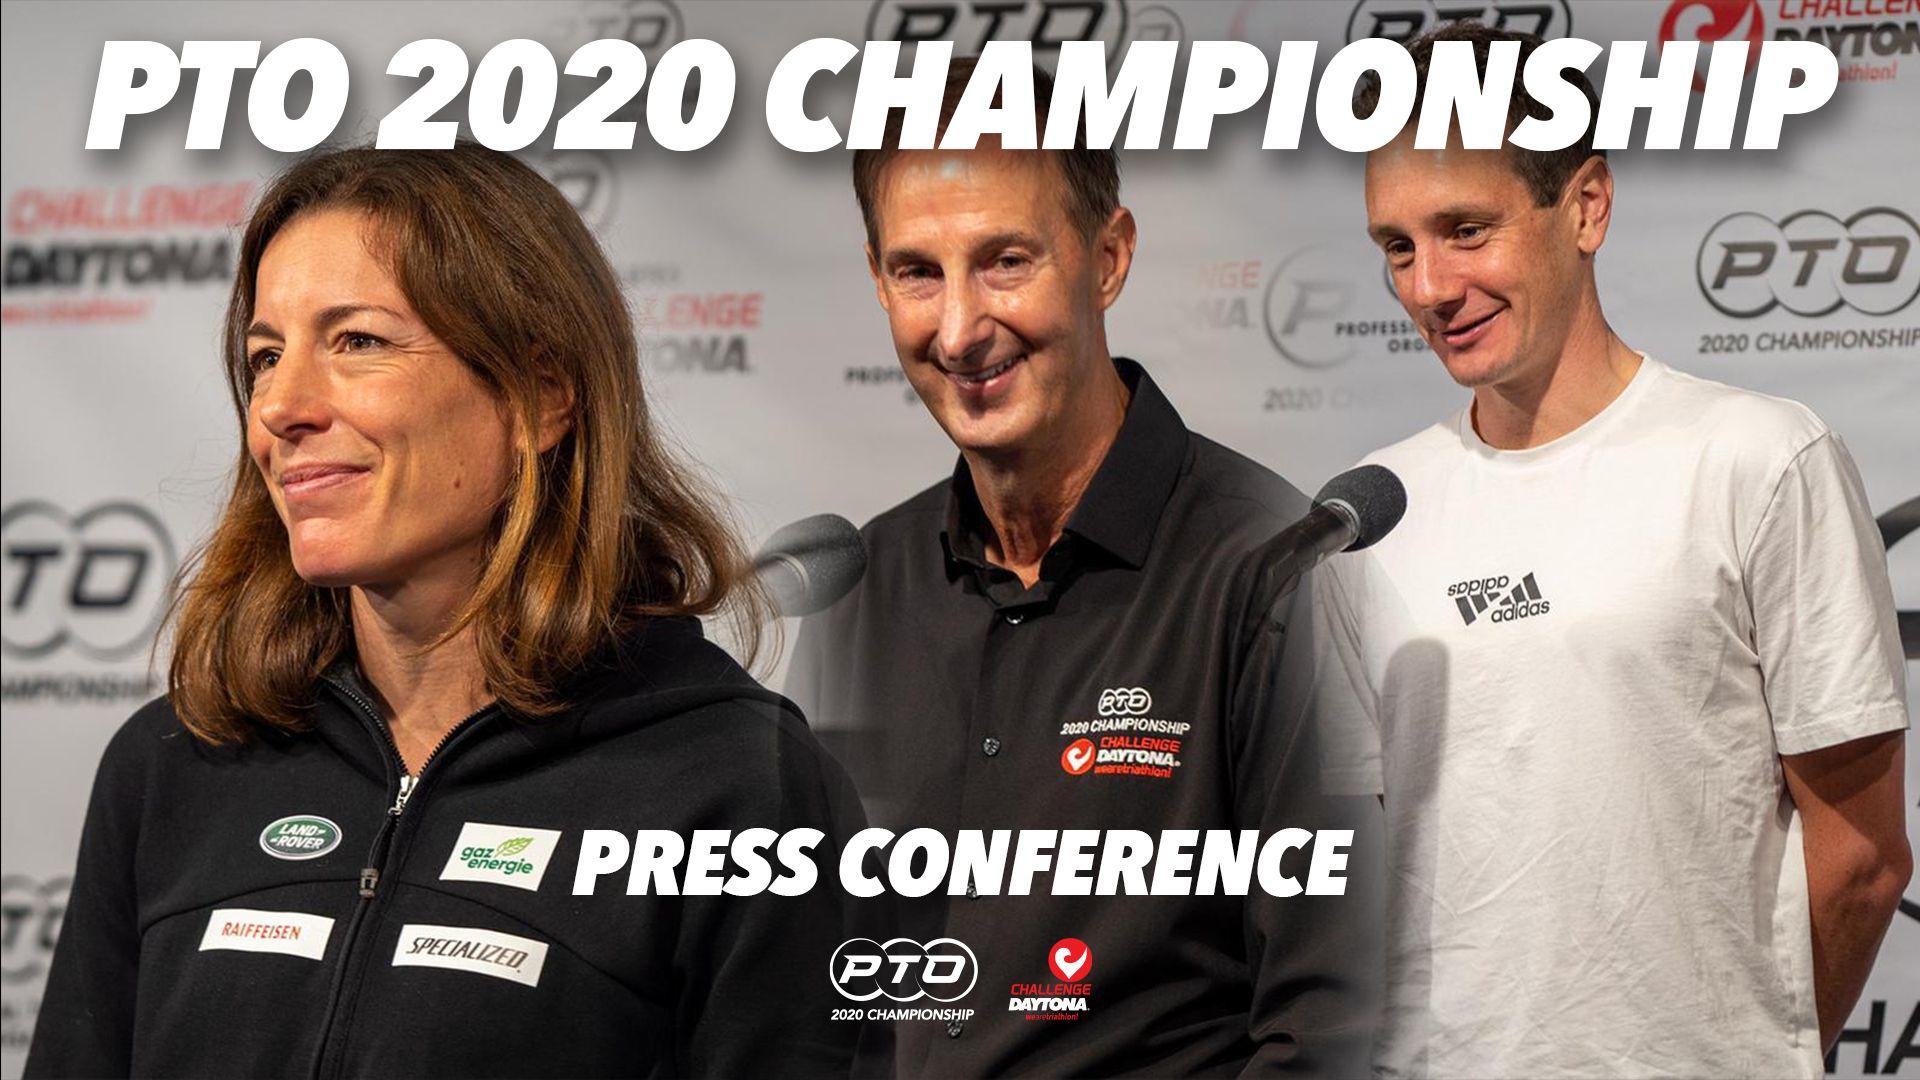 PTO 2020 Championship Press Conference